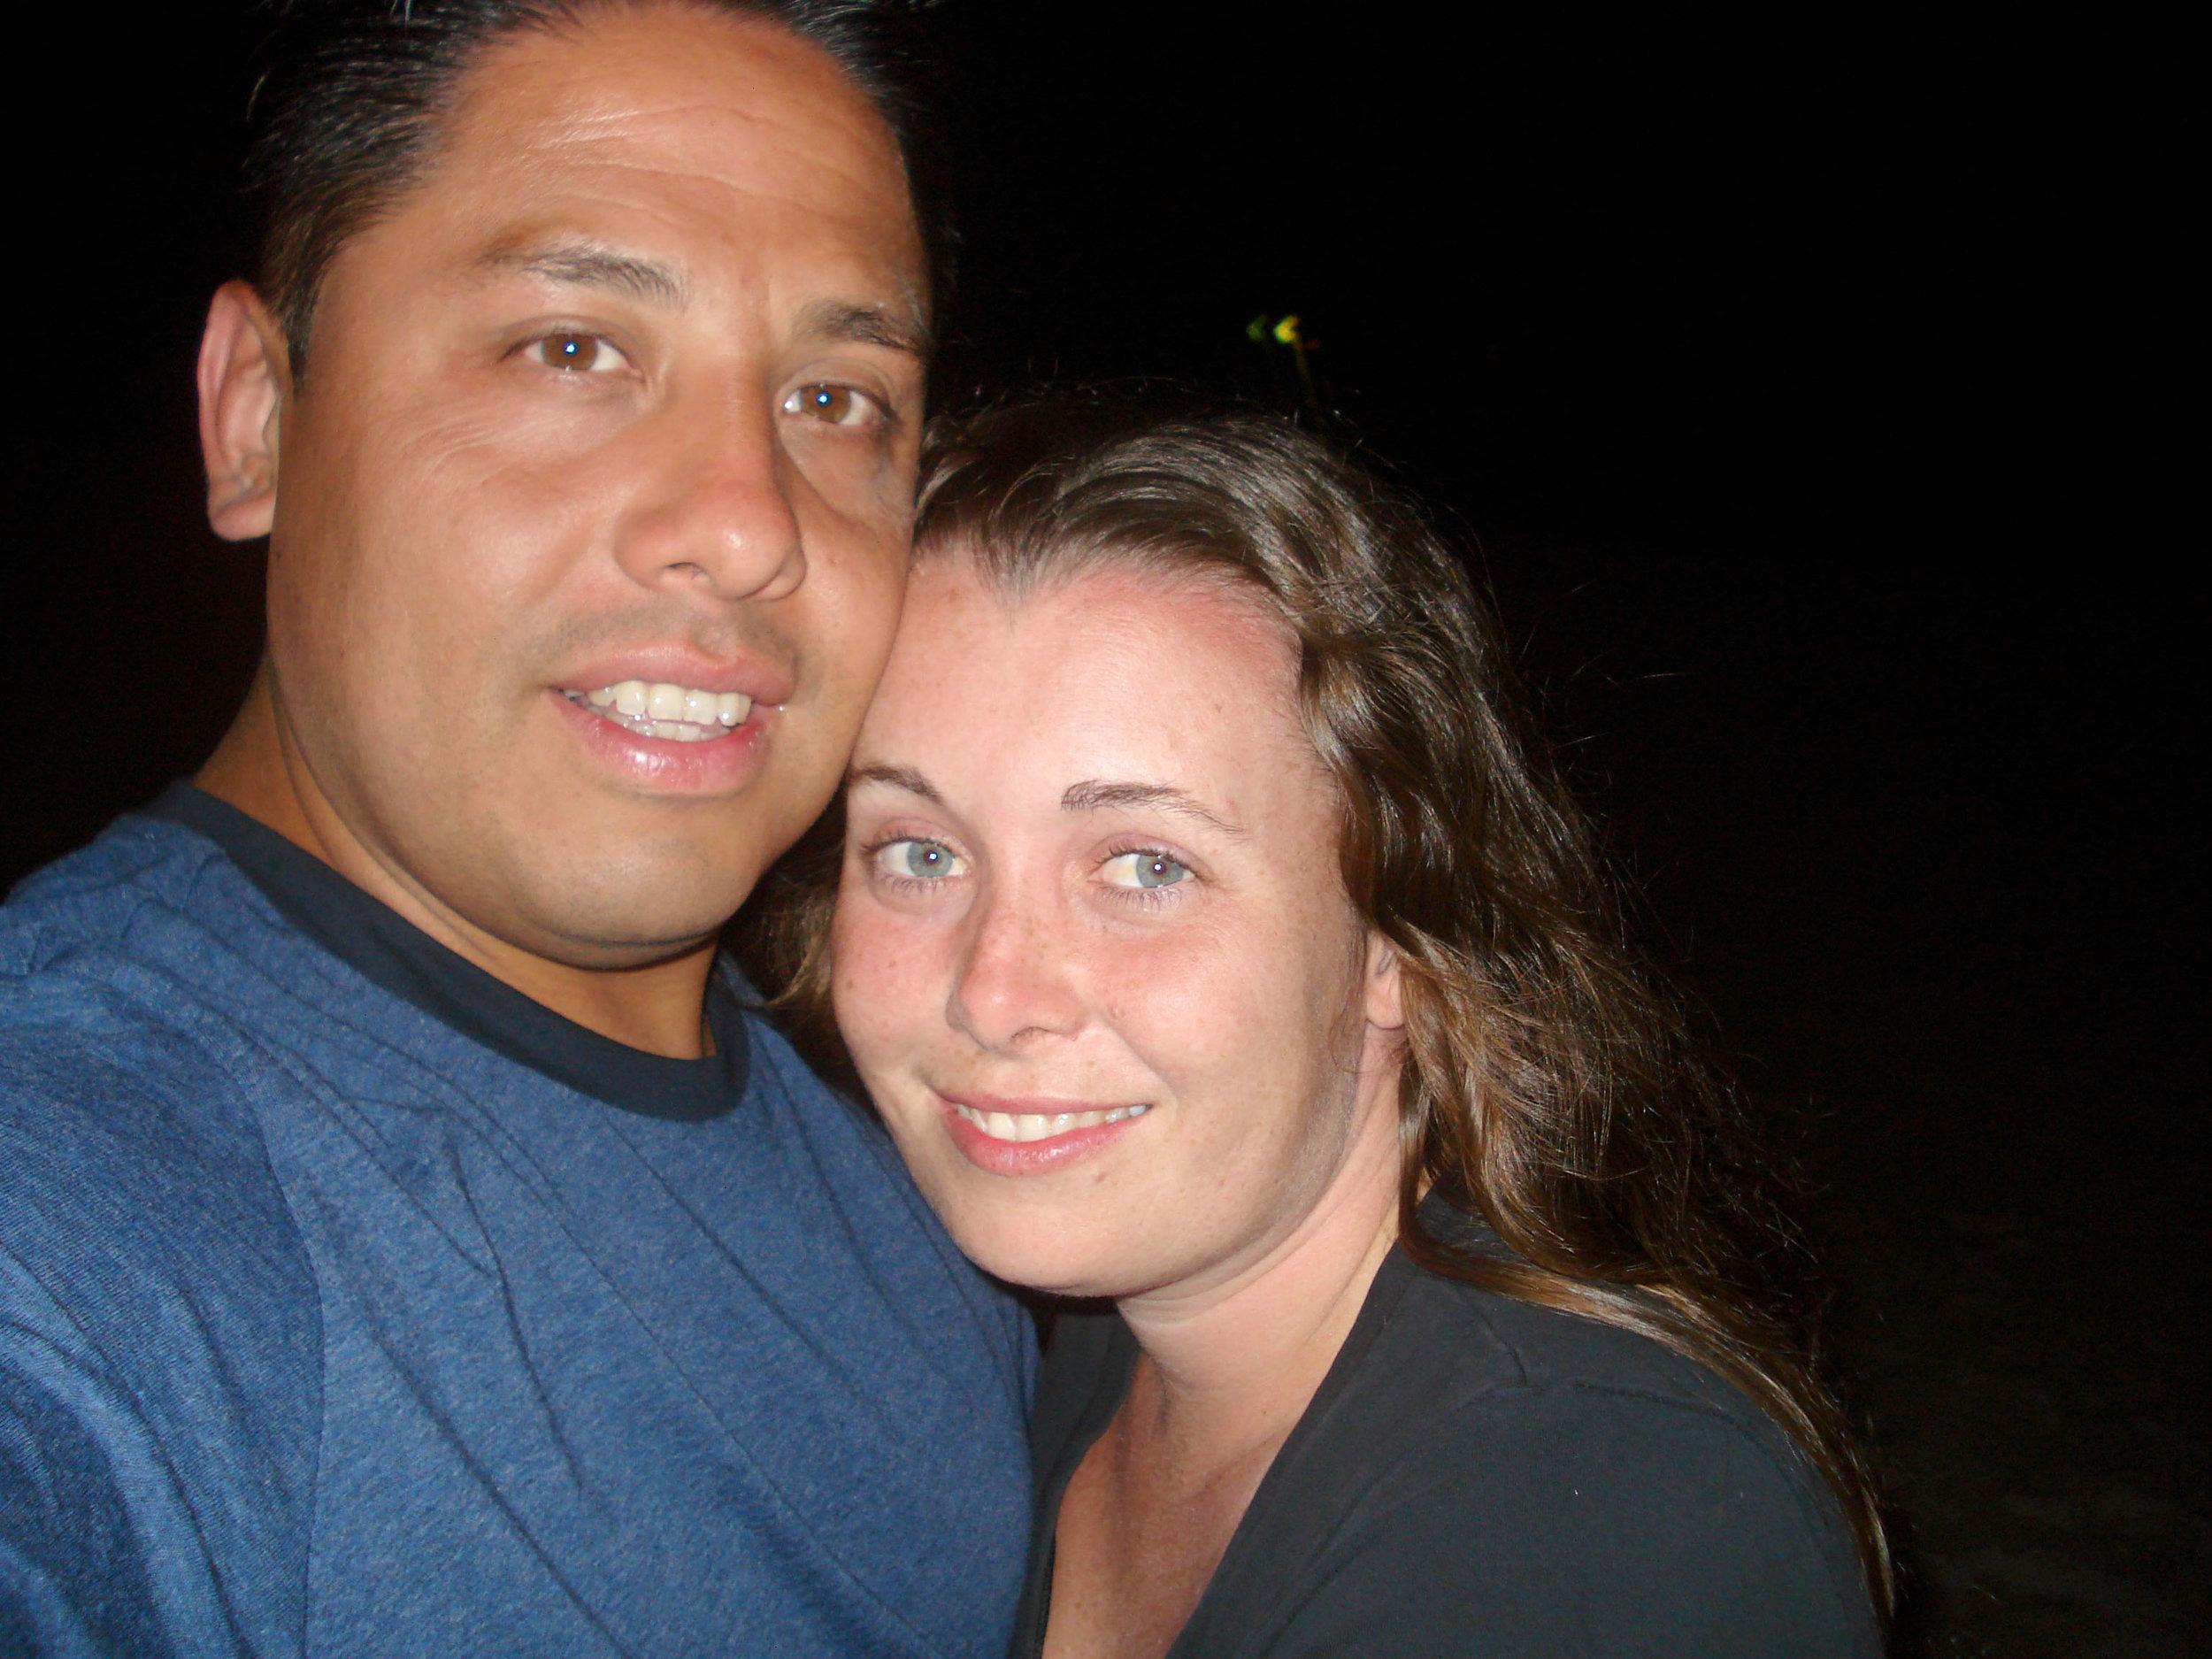 Mara and Wilfrido Adopt